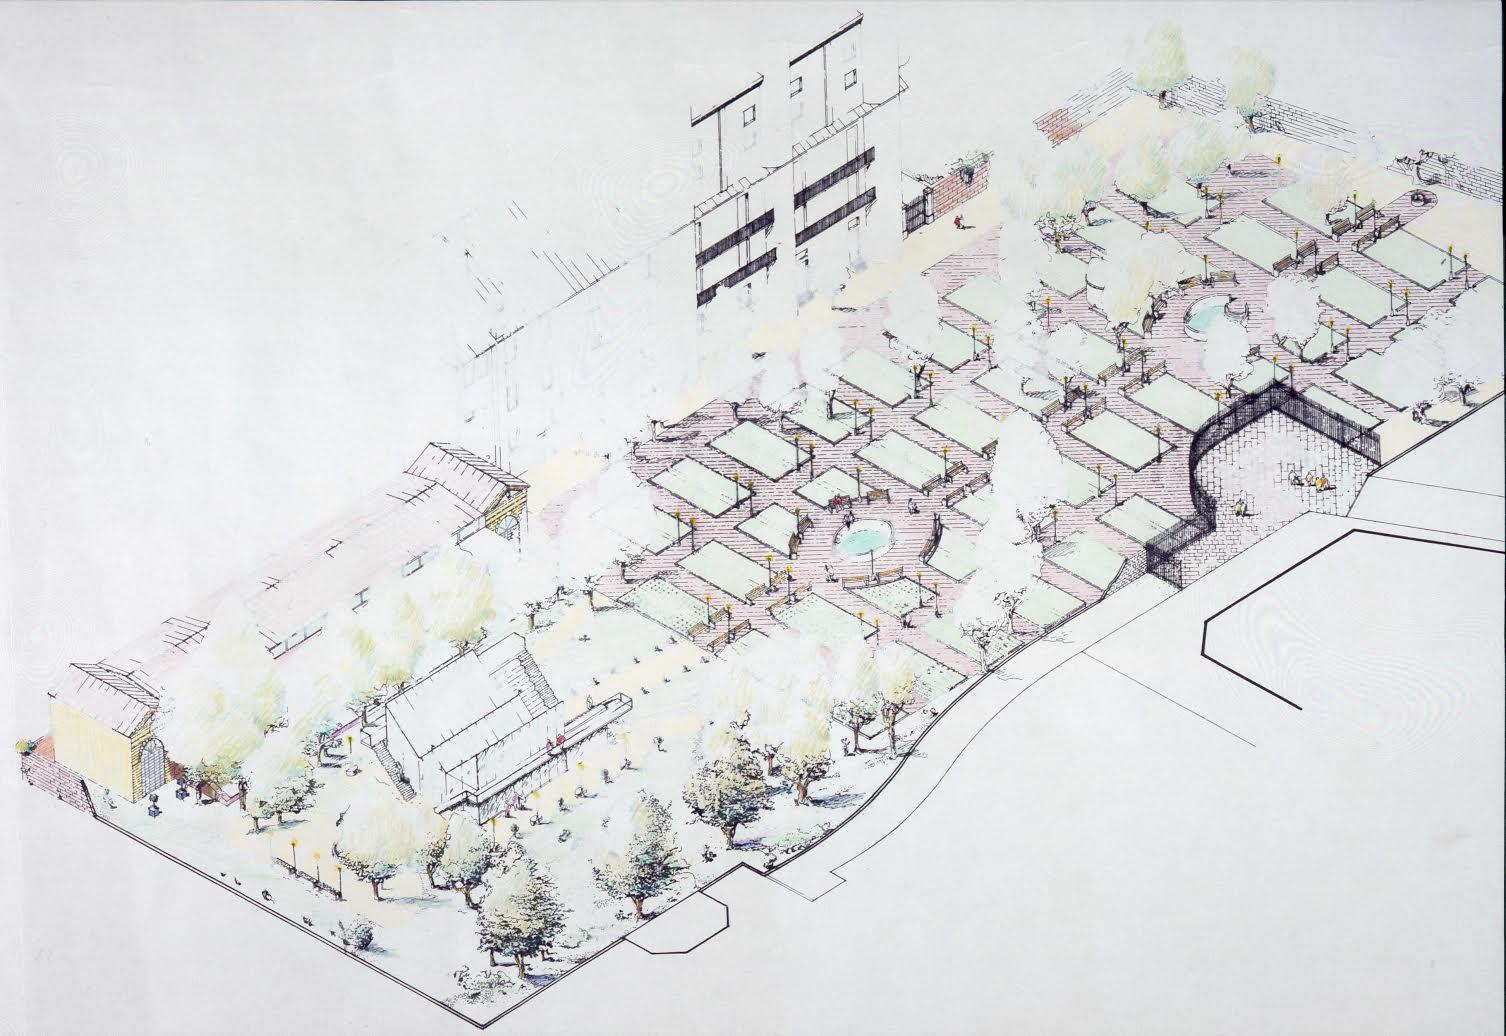 Progetto dell'Orto Botanico di Brera, Milano - Ugo La Pietra & Vico Magistretti, 1984/1992